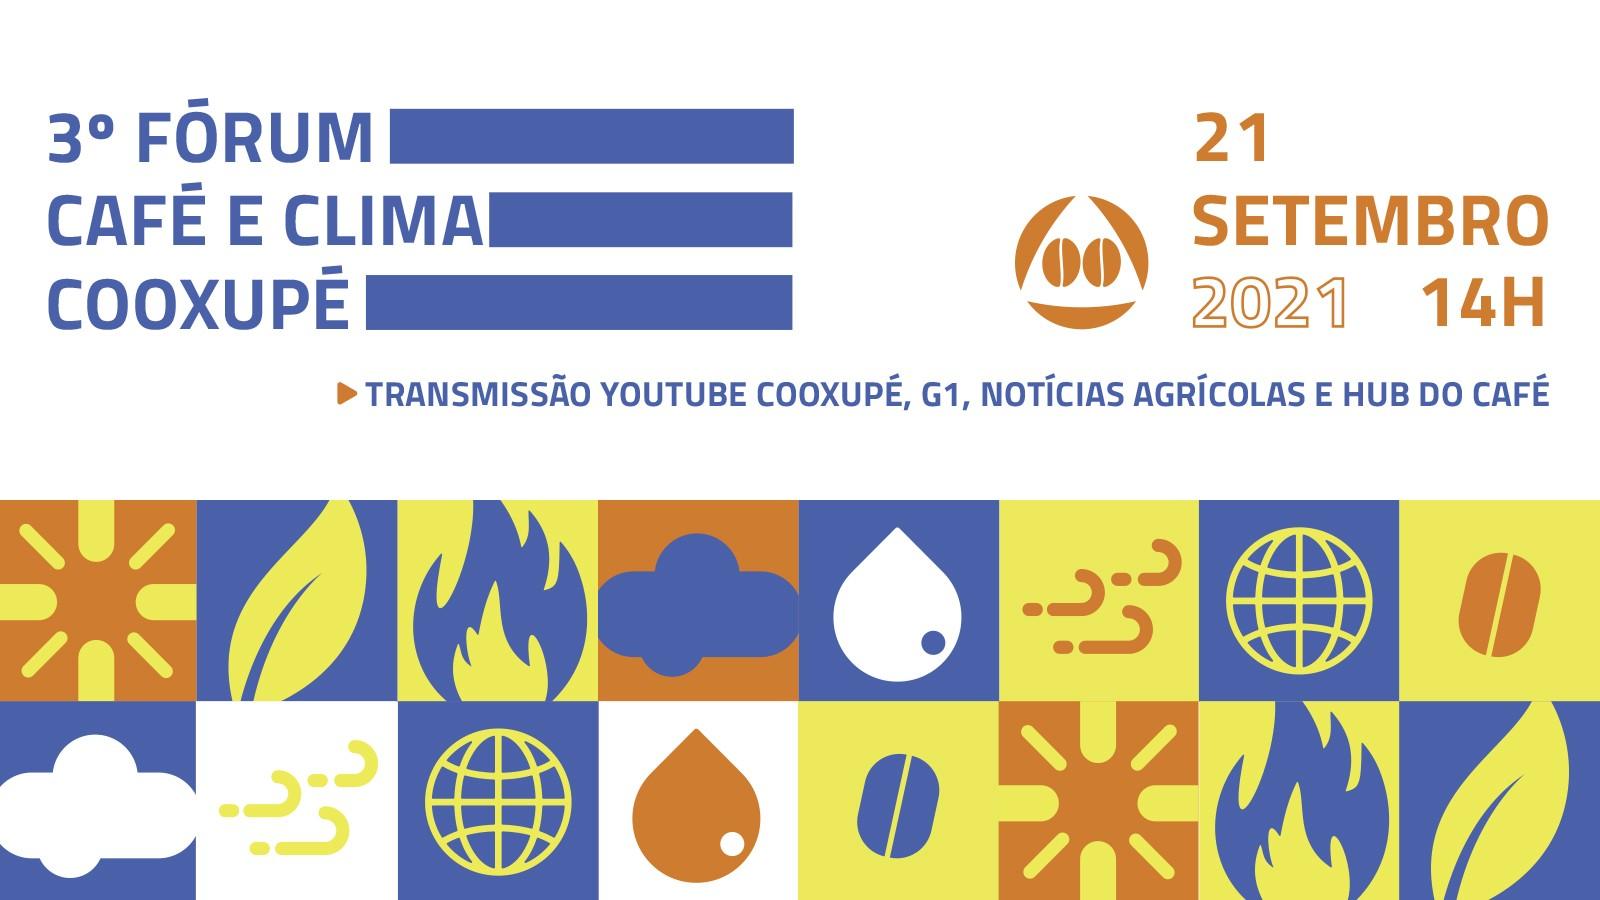 3ª edição do Fórum Café e Clima da Cooxupé acontece em setembro